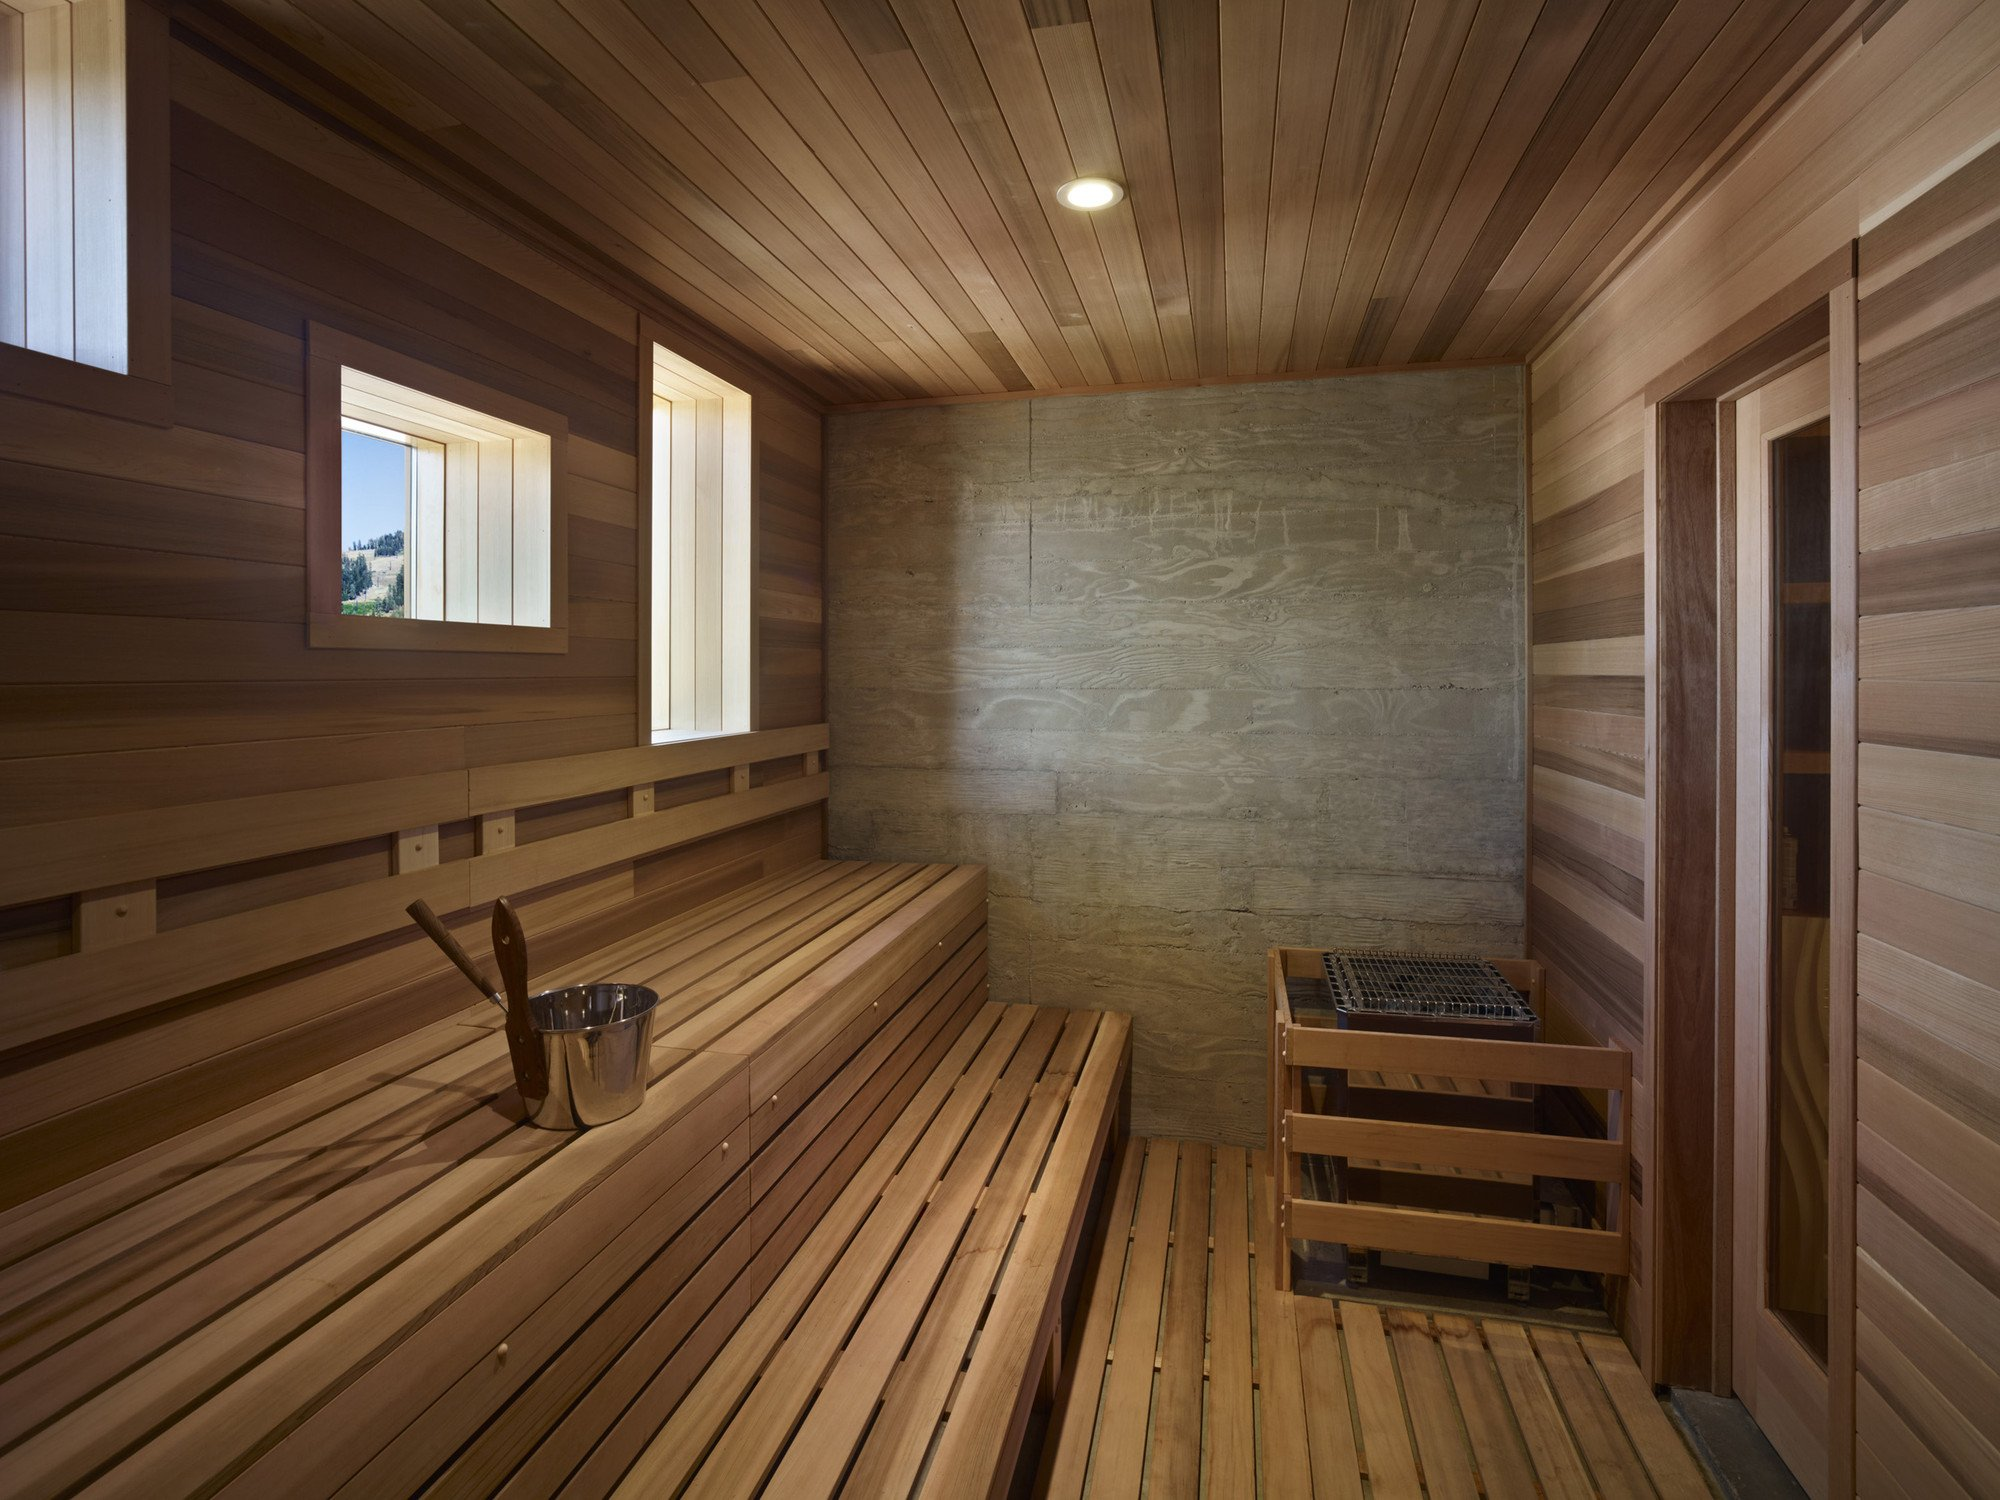 Парилка (126 фото): как правильно сделать парную в бане своими руками, размеры и пошаговая инструкция